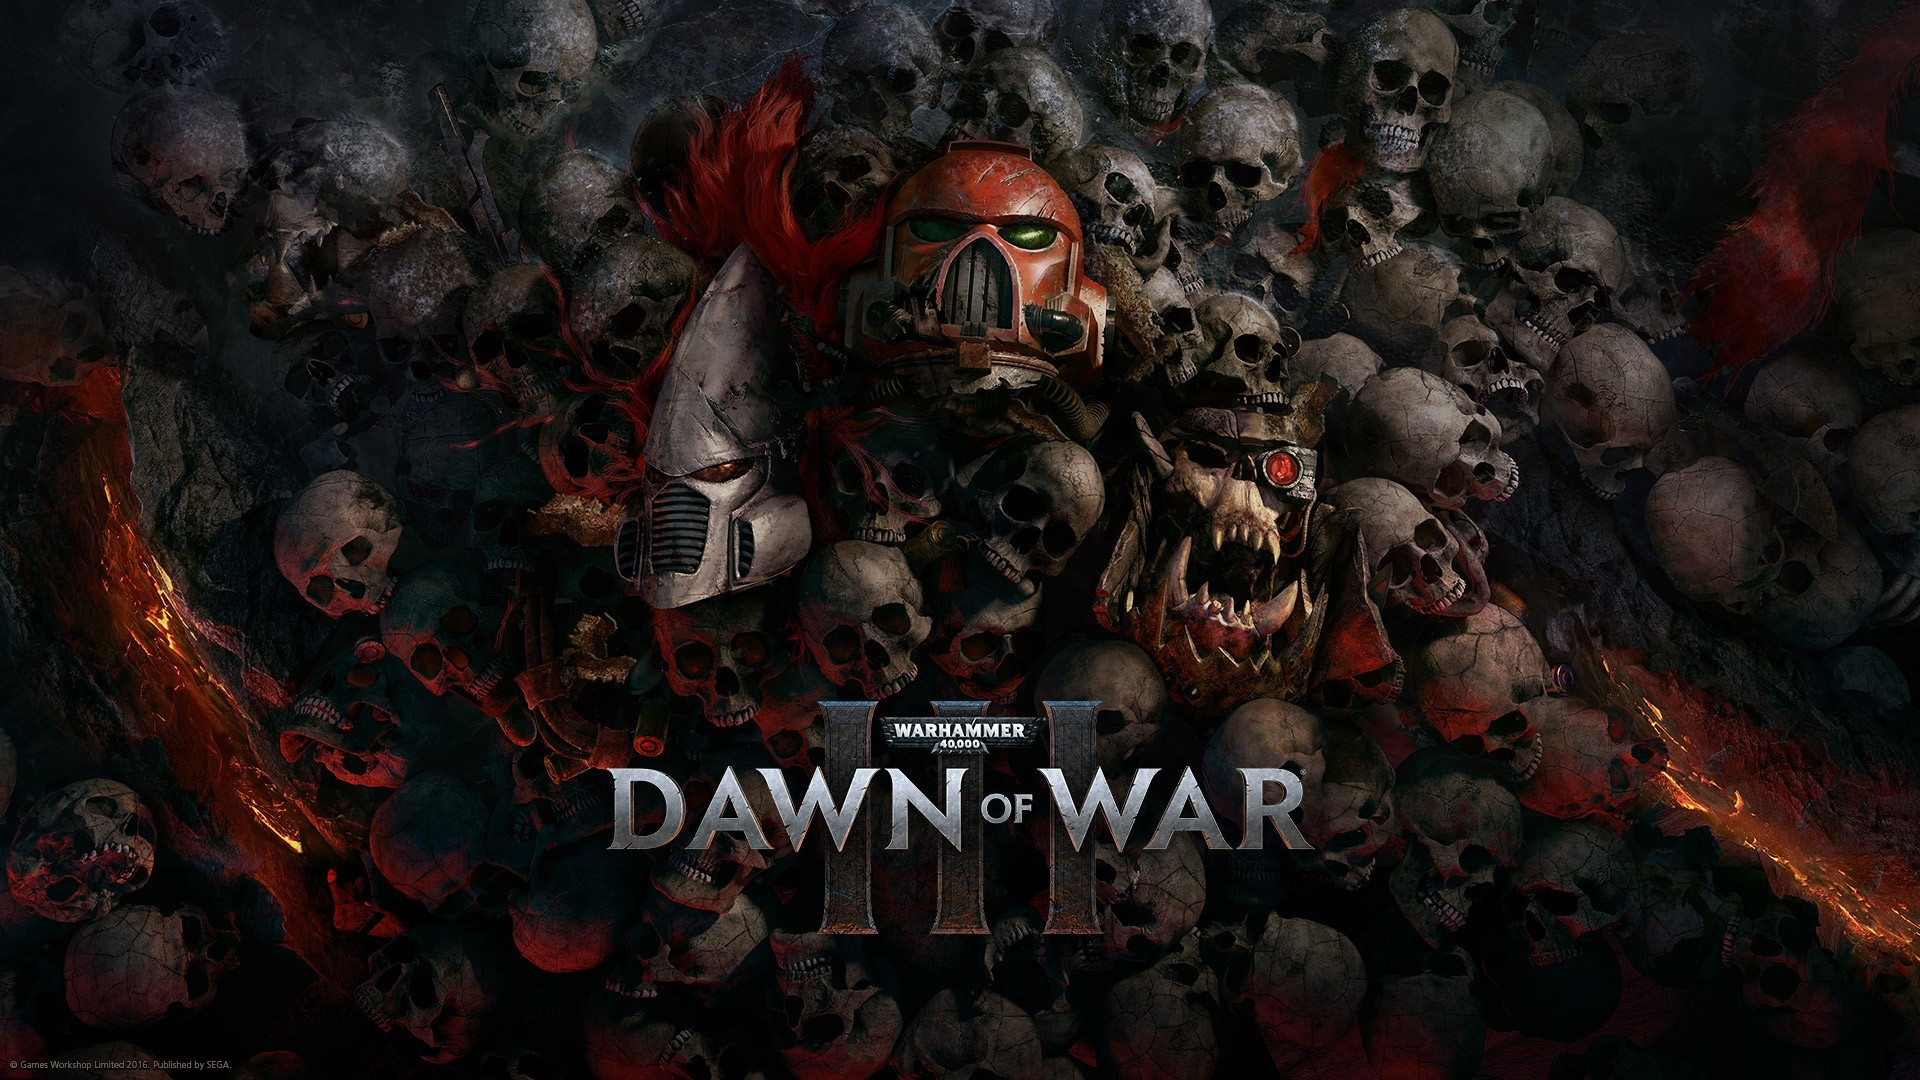 Warhammer 40,000: Dawn of War III wallpapers cool HD